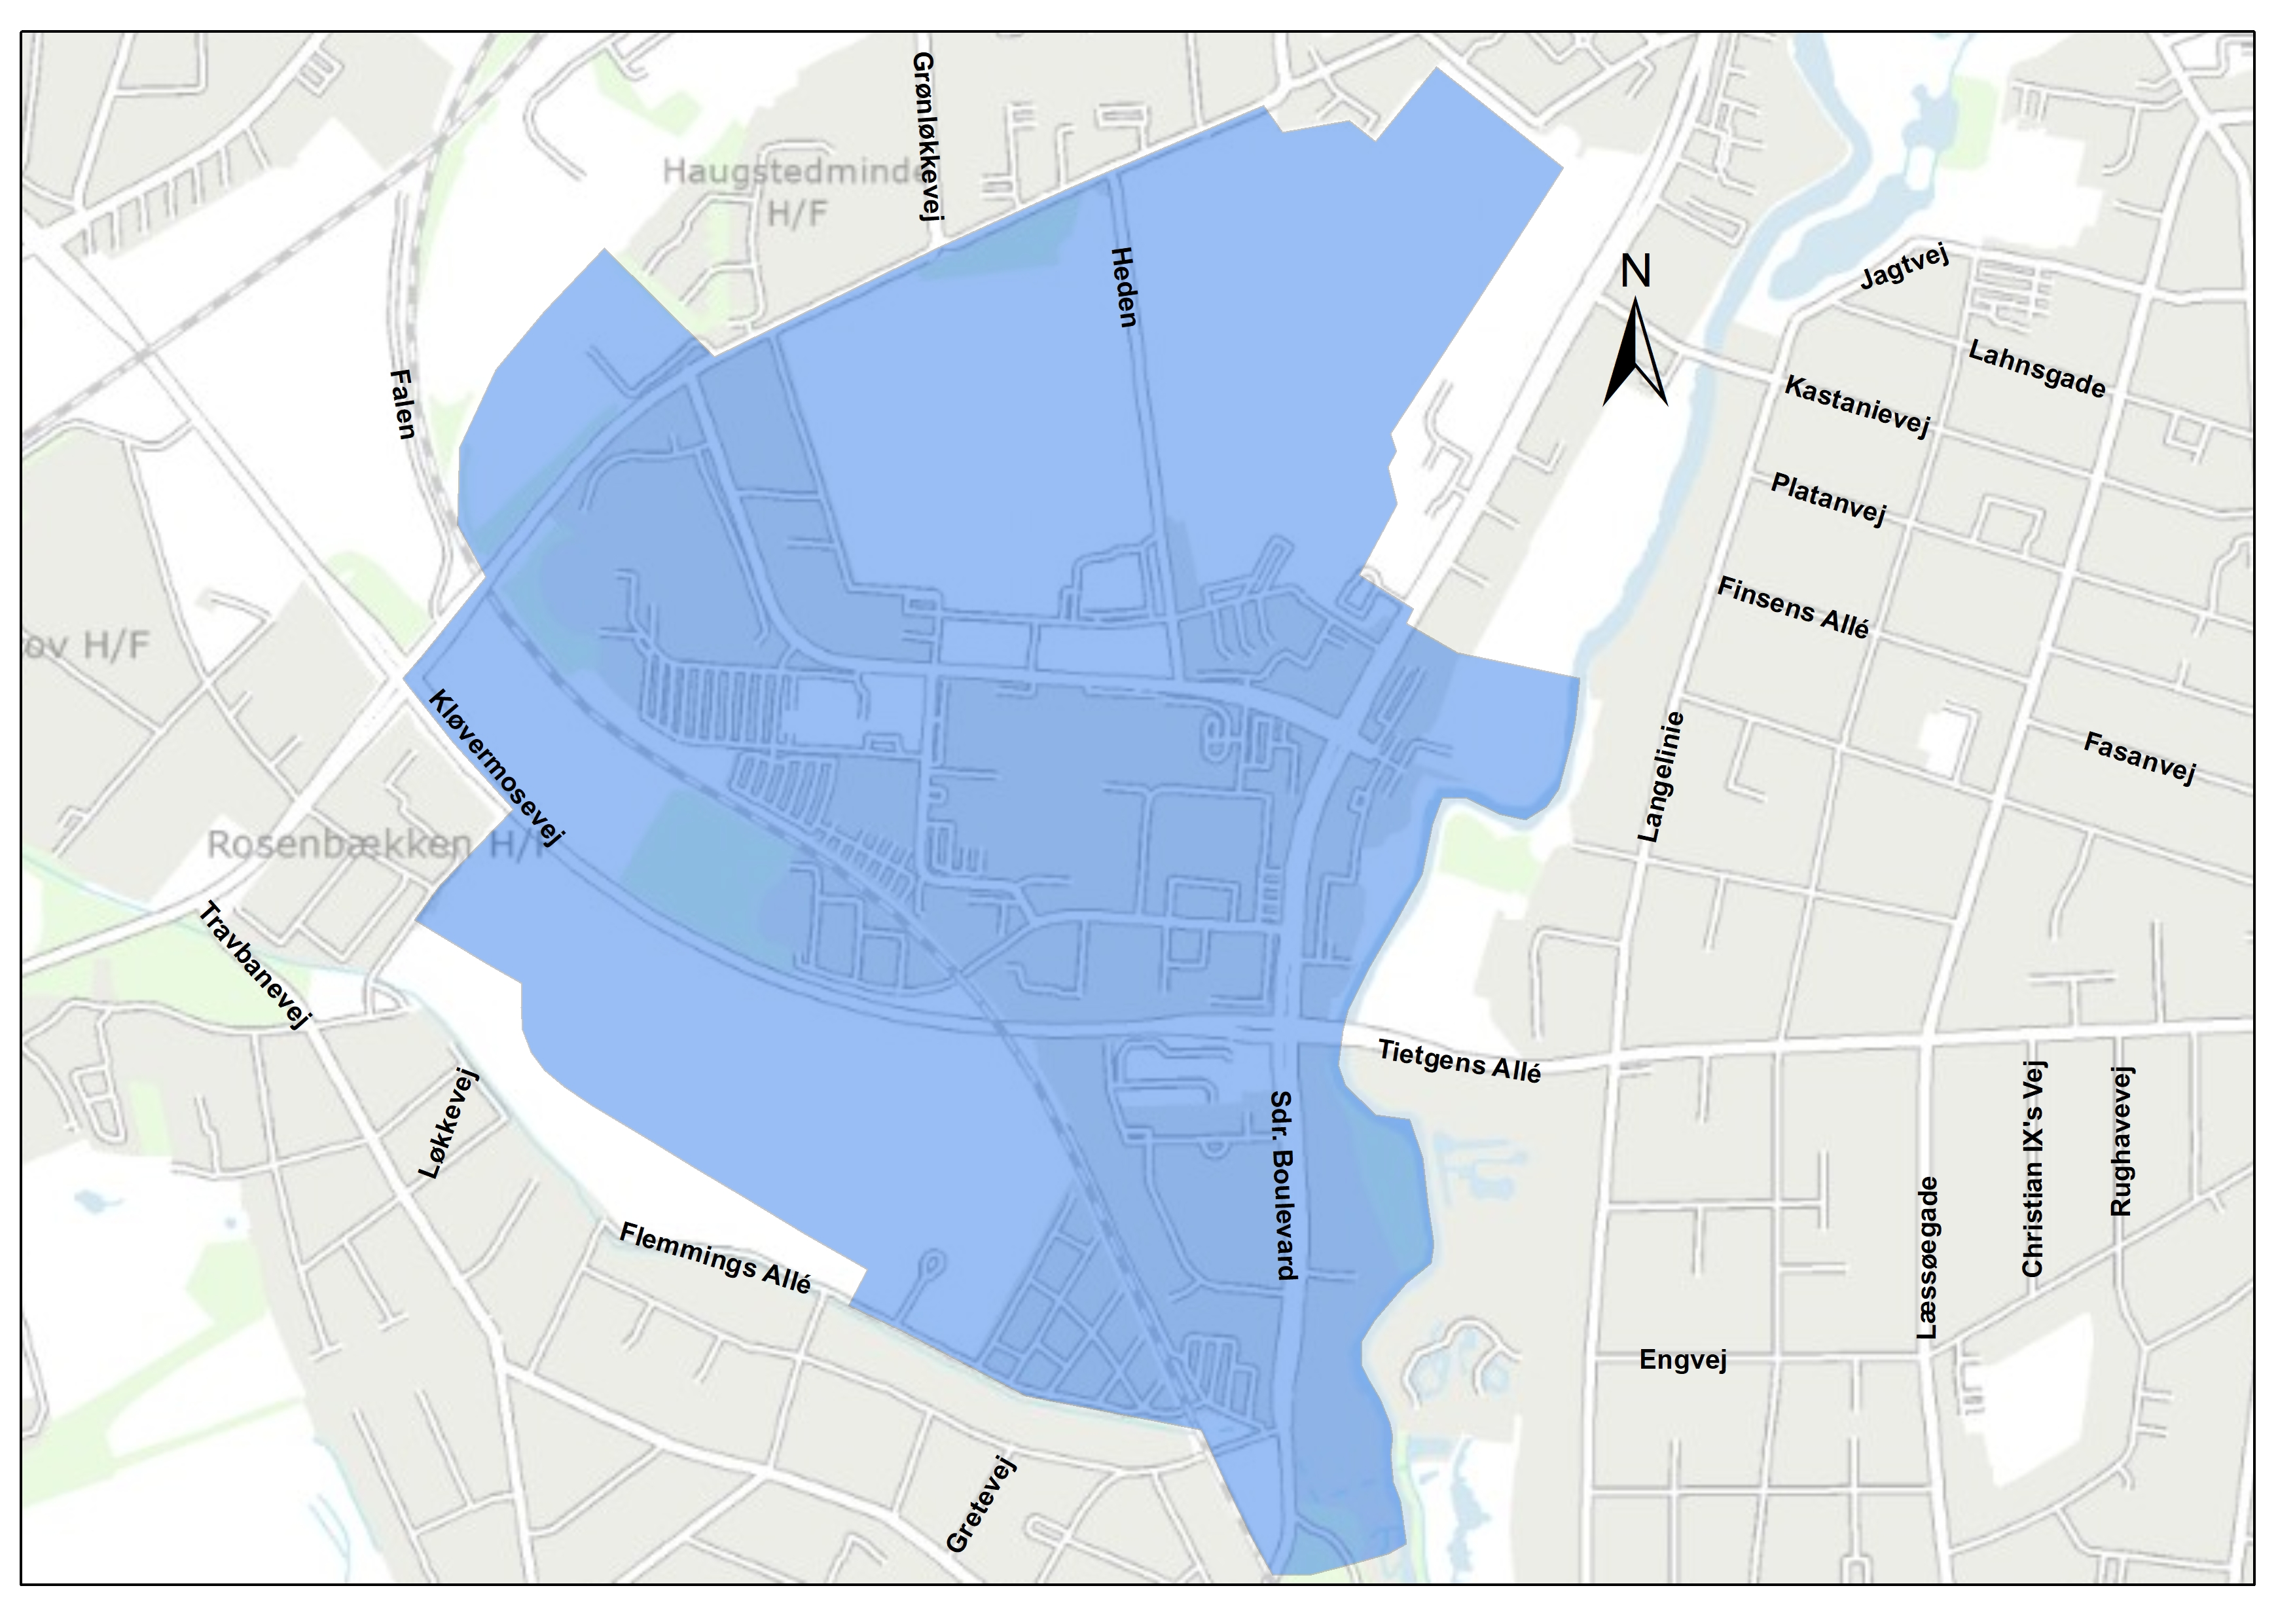 Southern Denmark Population 1 197 921 Area Km2 12 191 2 Km2